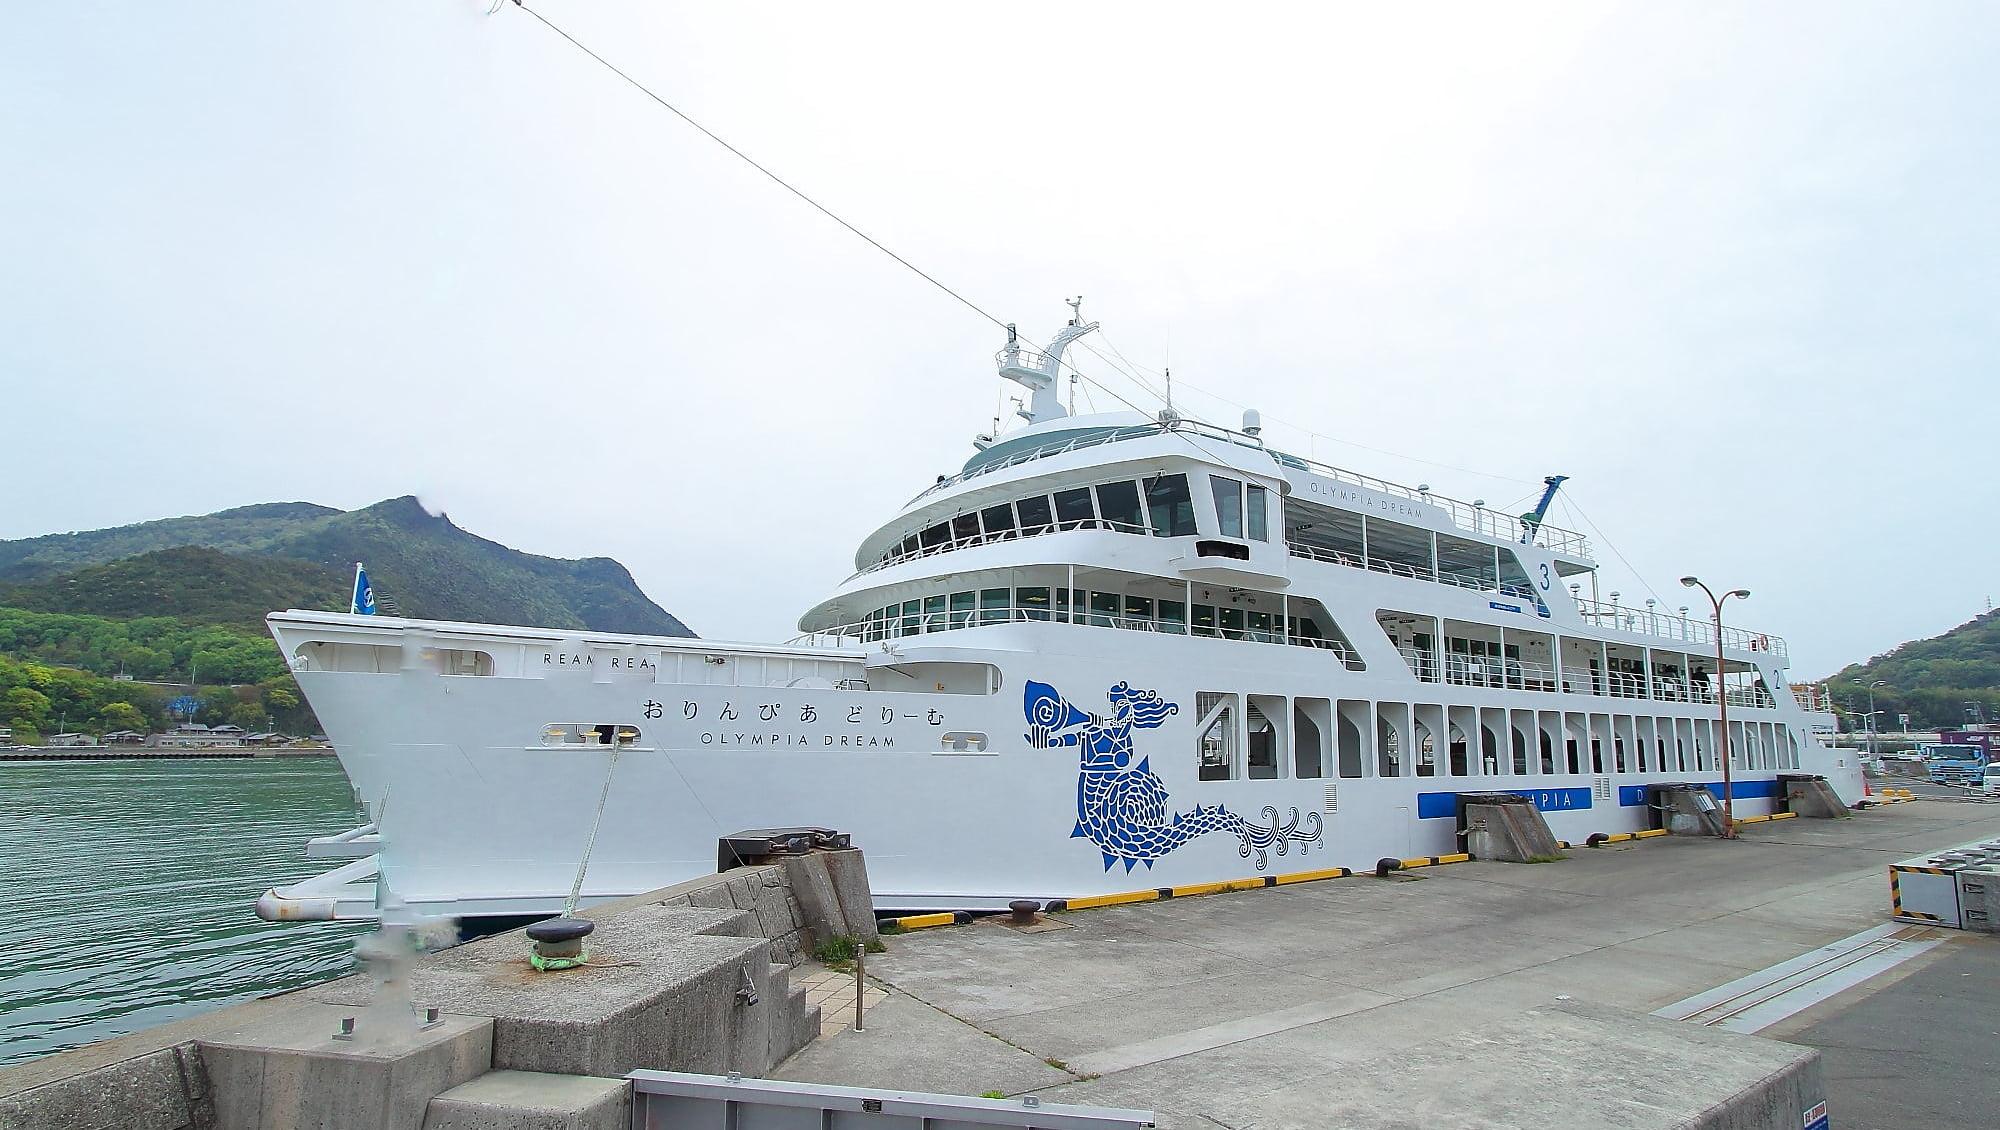 岡山から小豆島観光へ!有名デザイナー監修のフェリーでお洒落な旅を